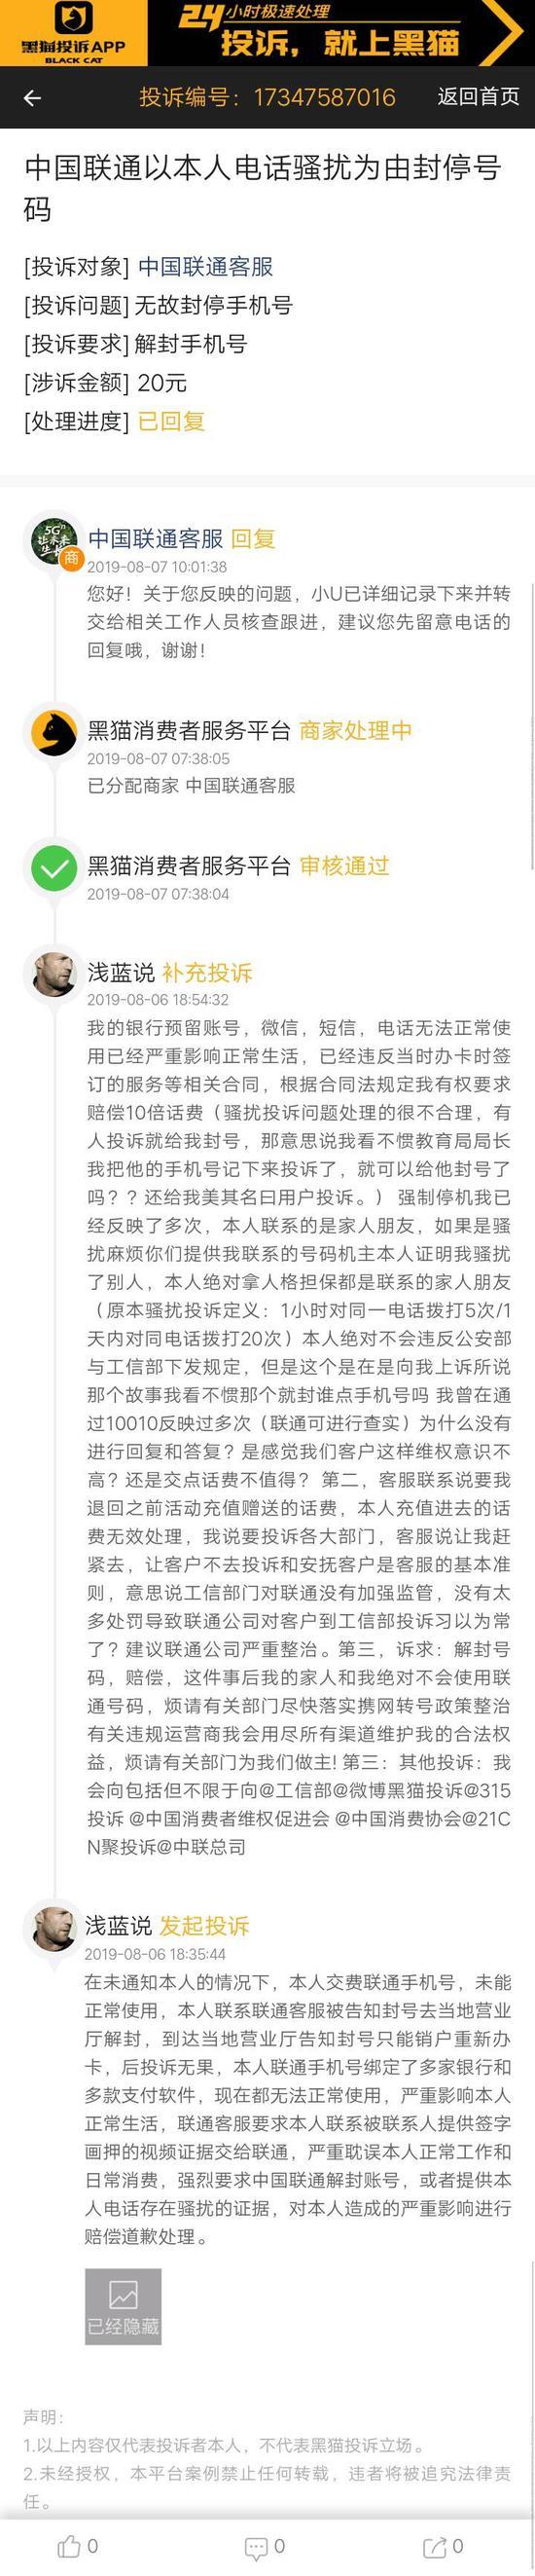 网友投诉中国联通封四川号码靓号出售停号码 官方客服已回复